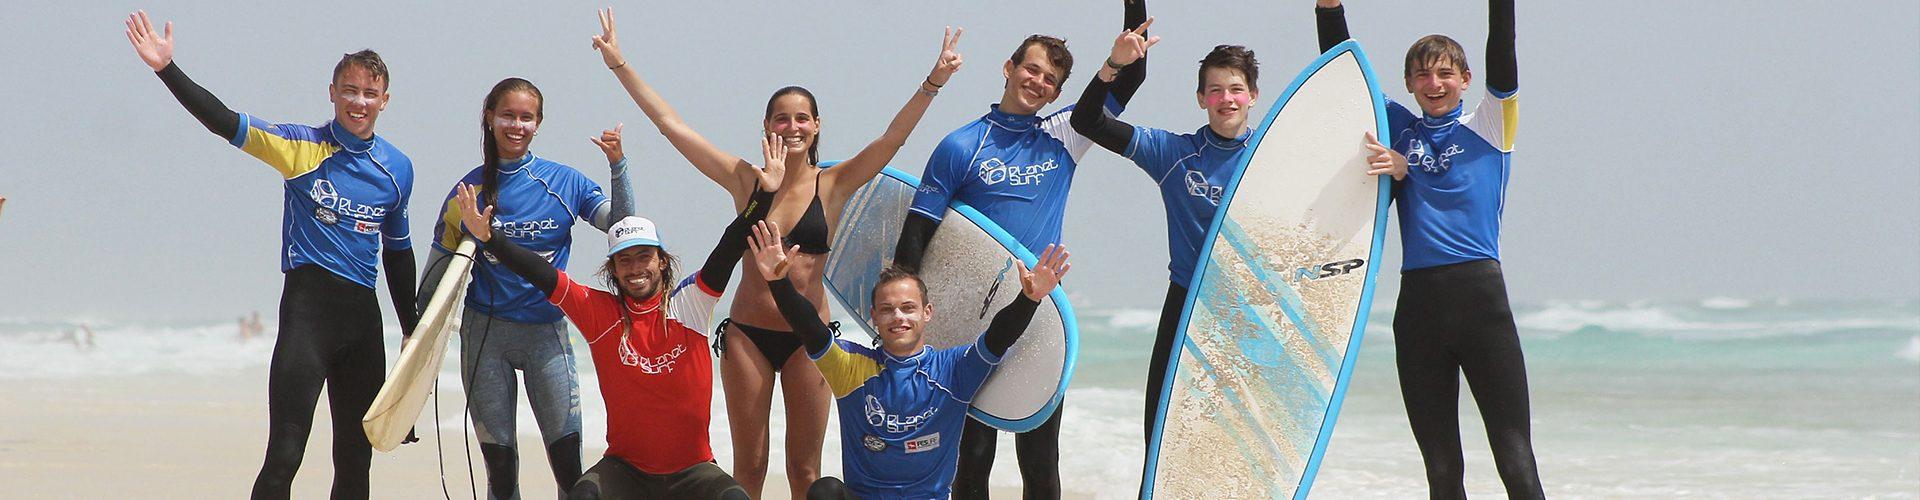 Die besten Surfspots auf Fuerteventura